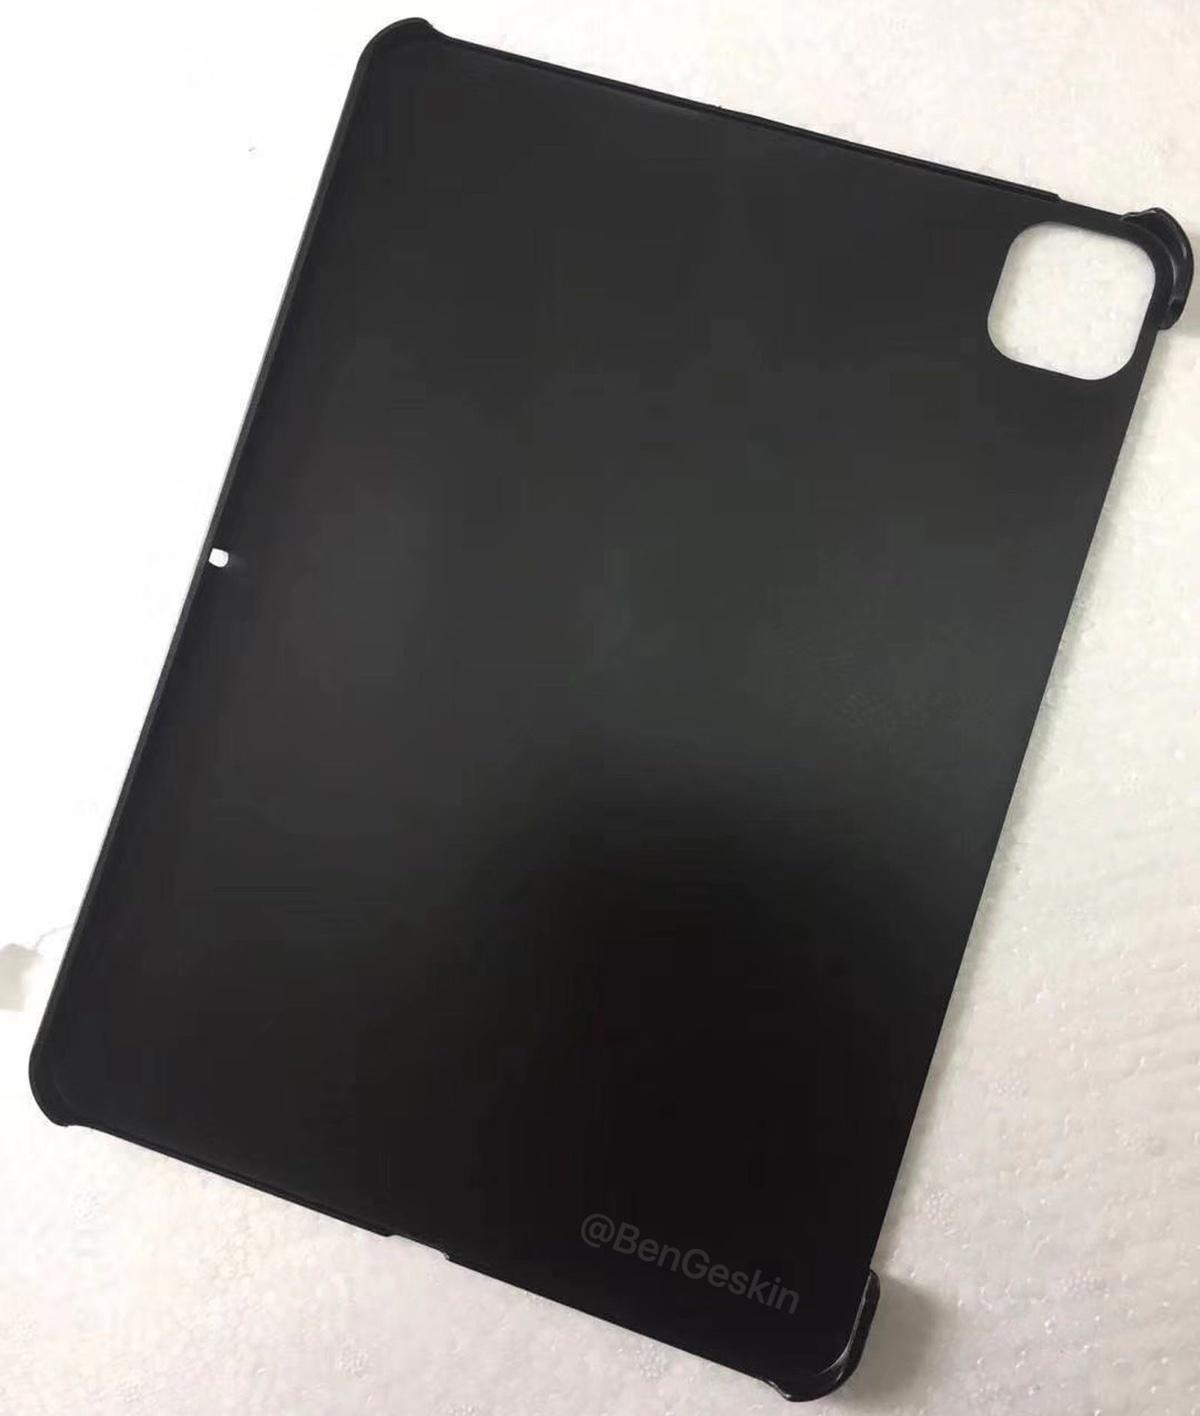 La cover per iPad Pro 2020 punta a modelli con più fotocamere